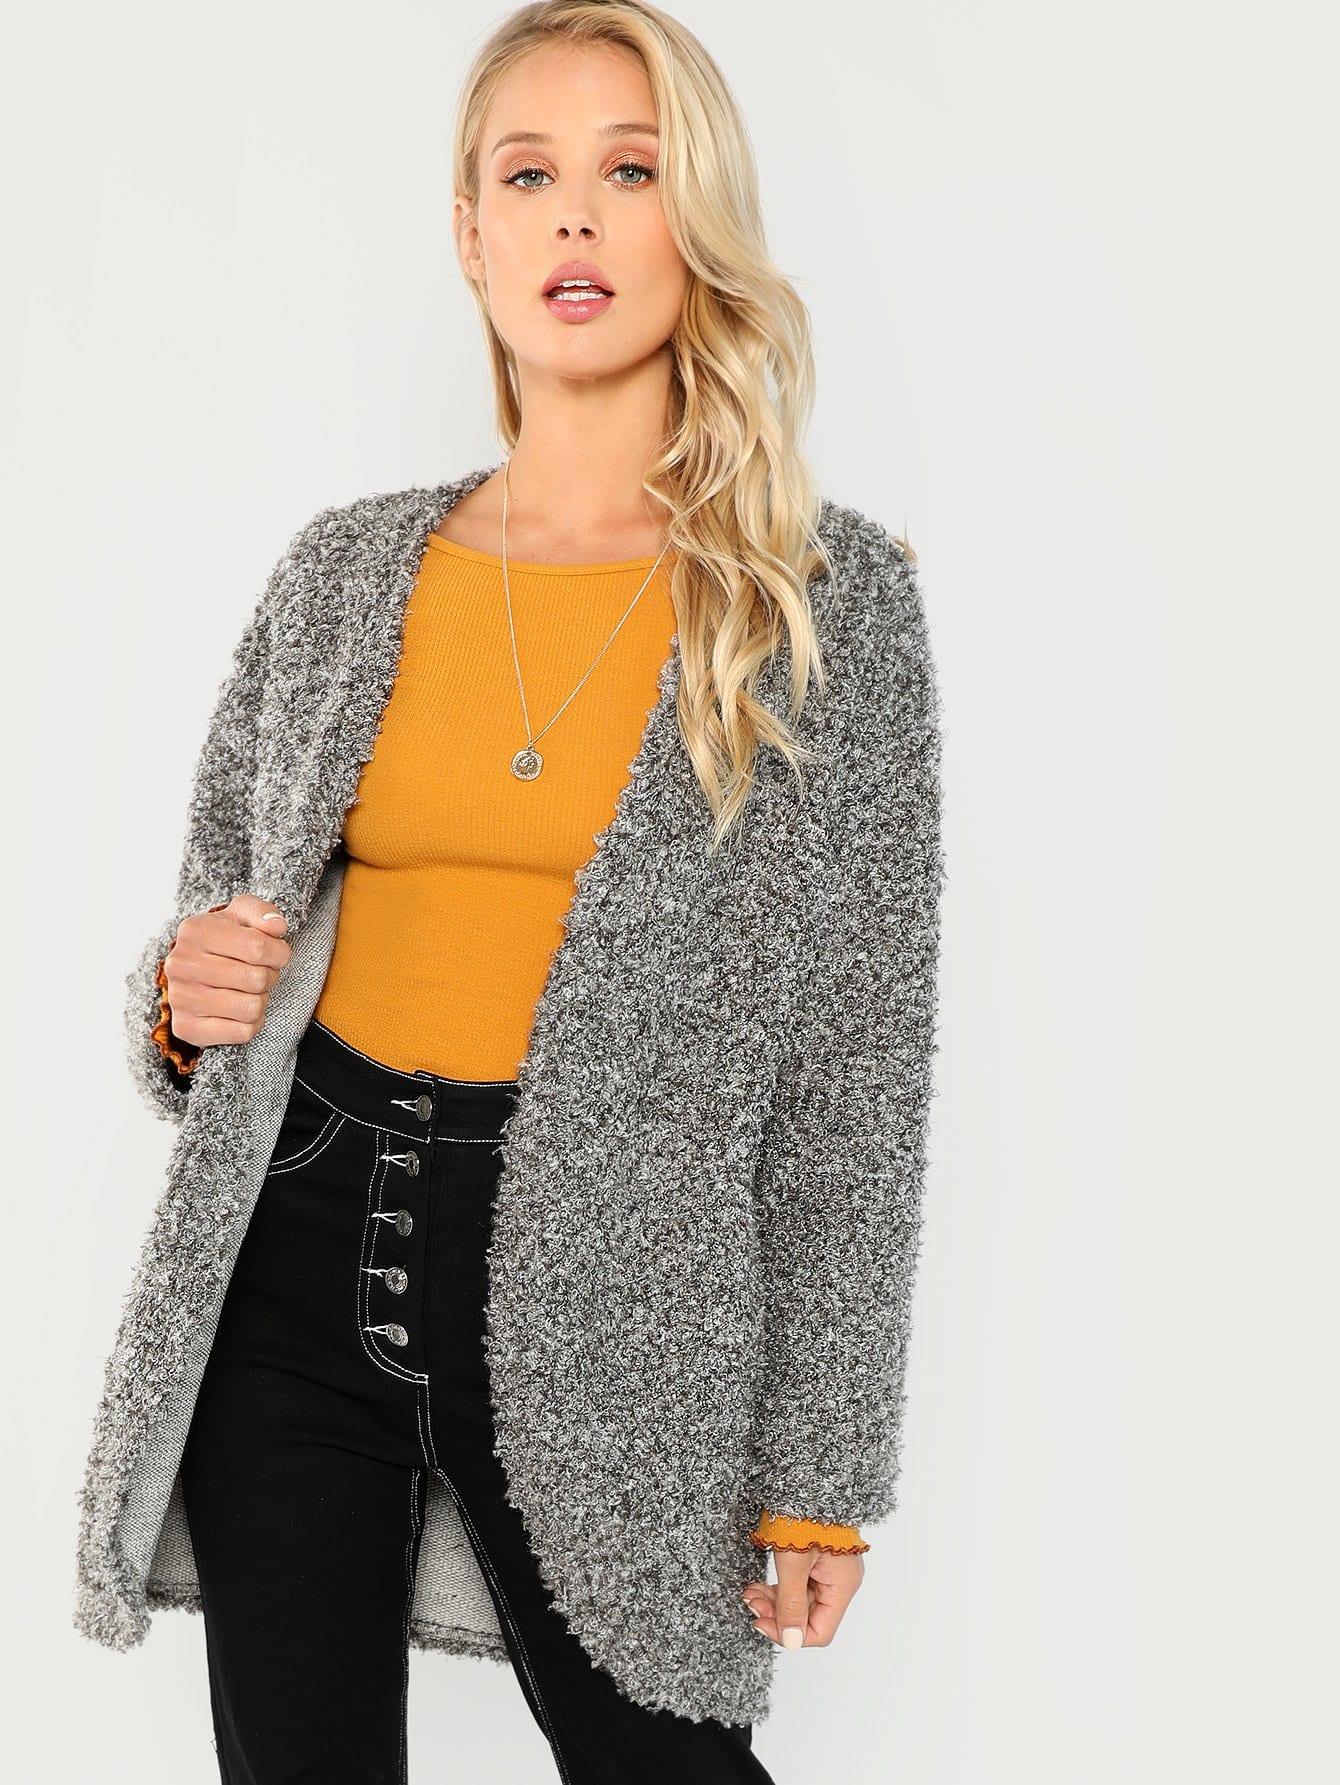 Купить Открытое пальто из искусственных кож, Allie Leggett, SheIn